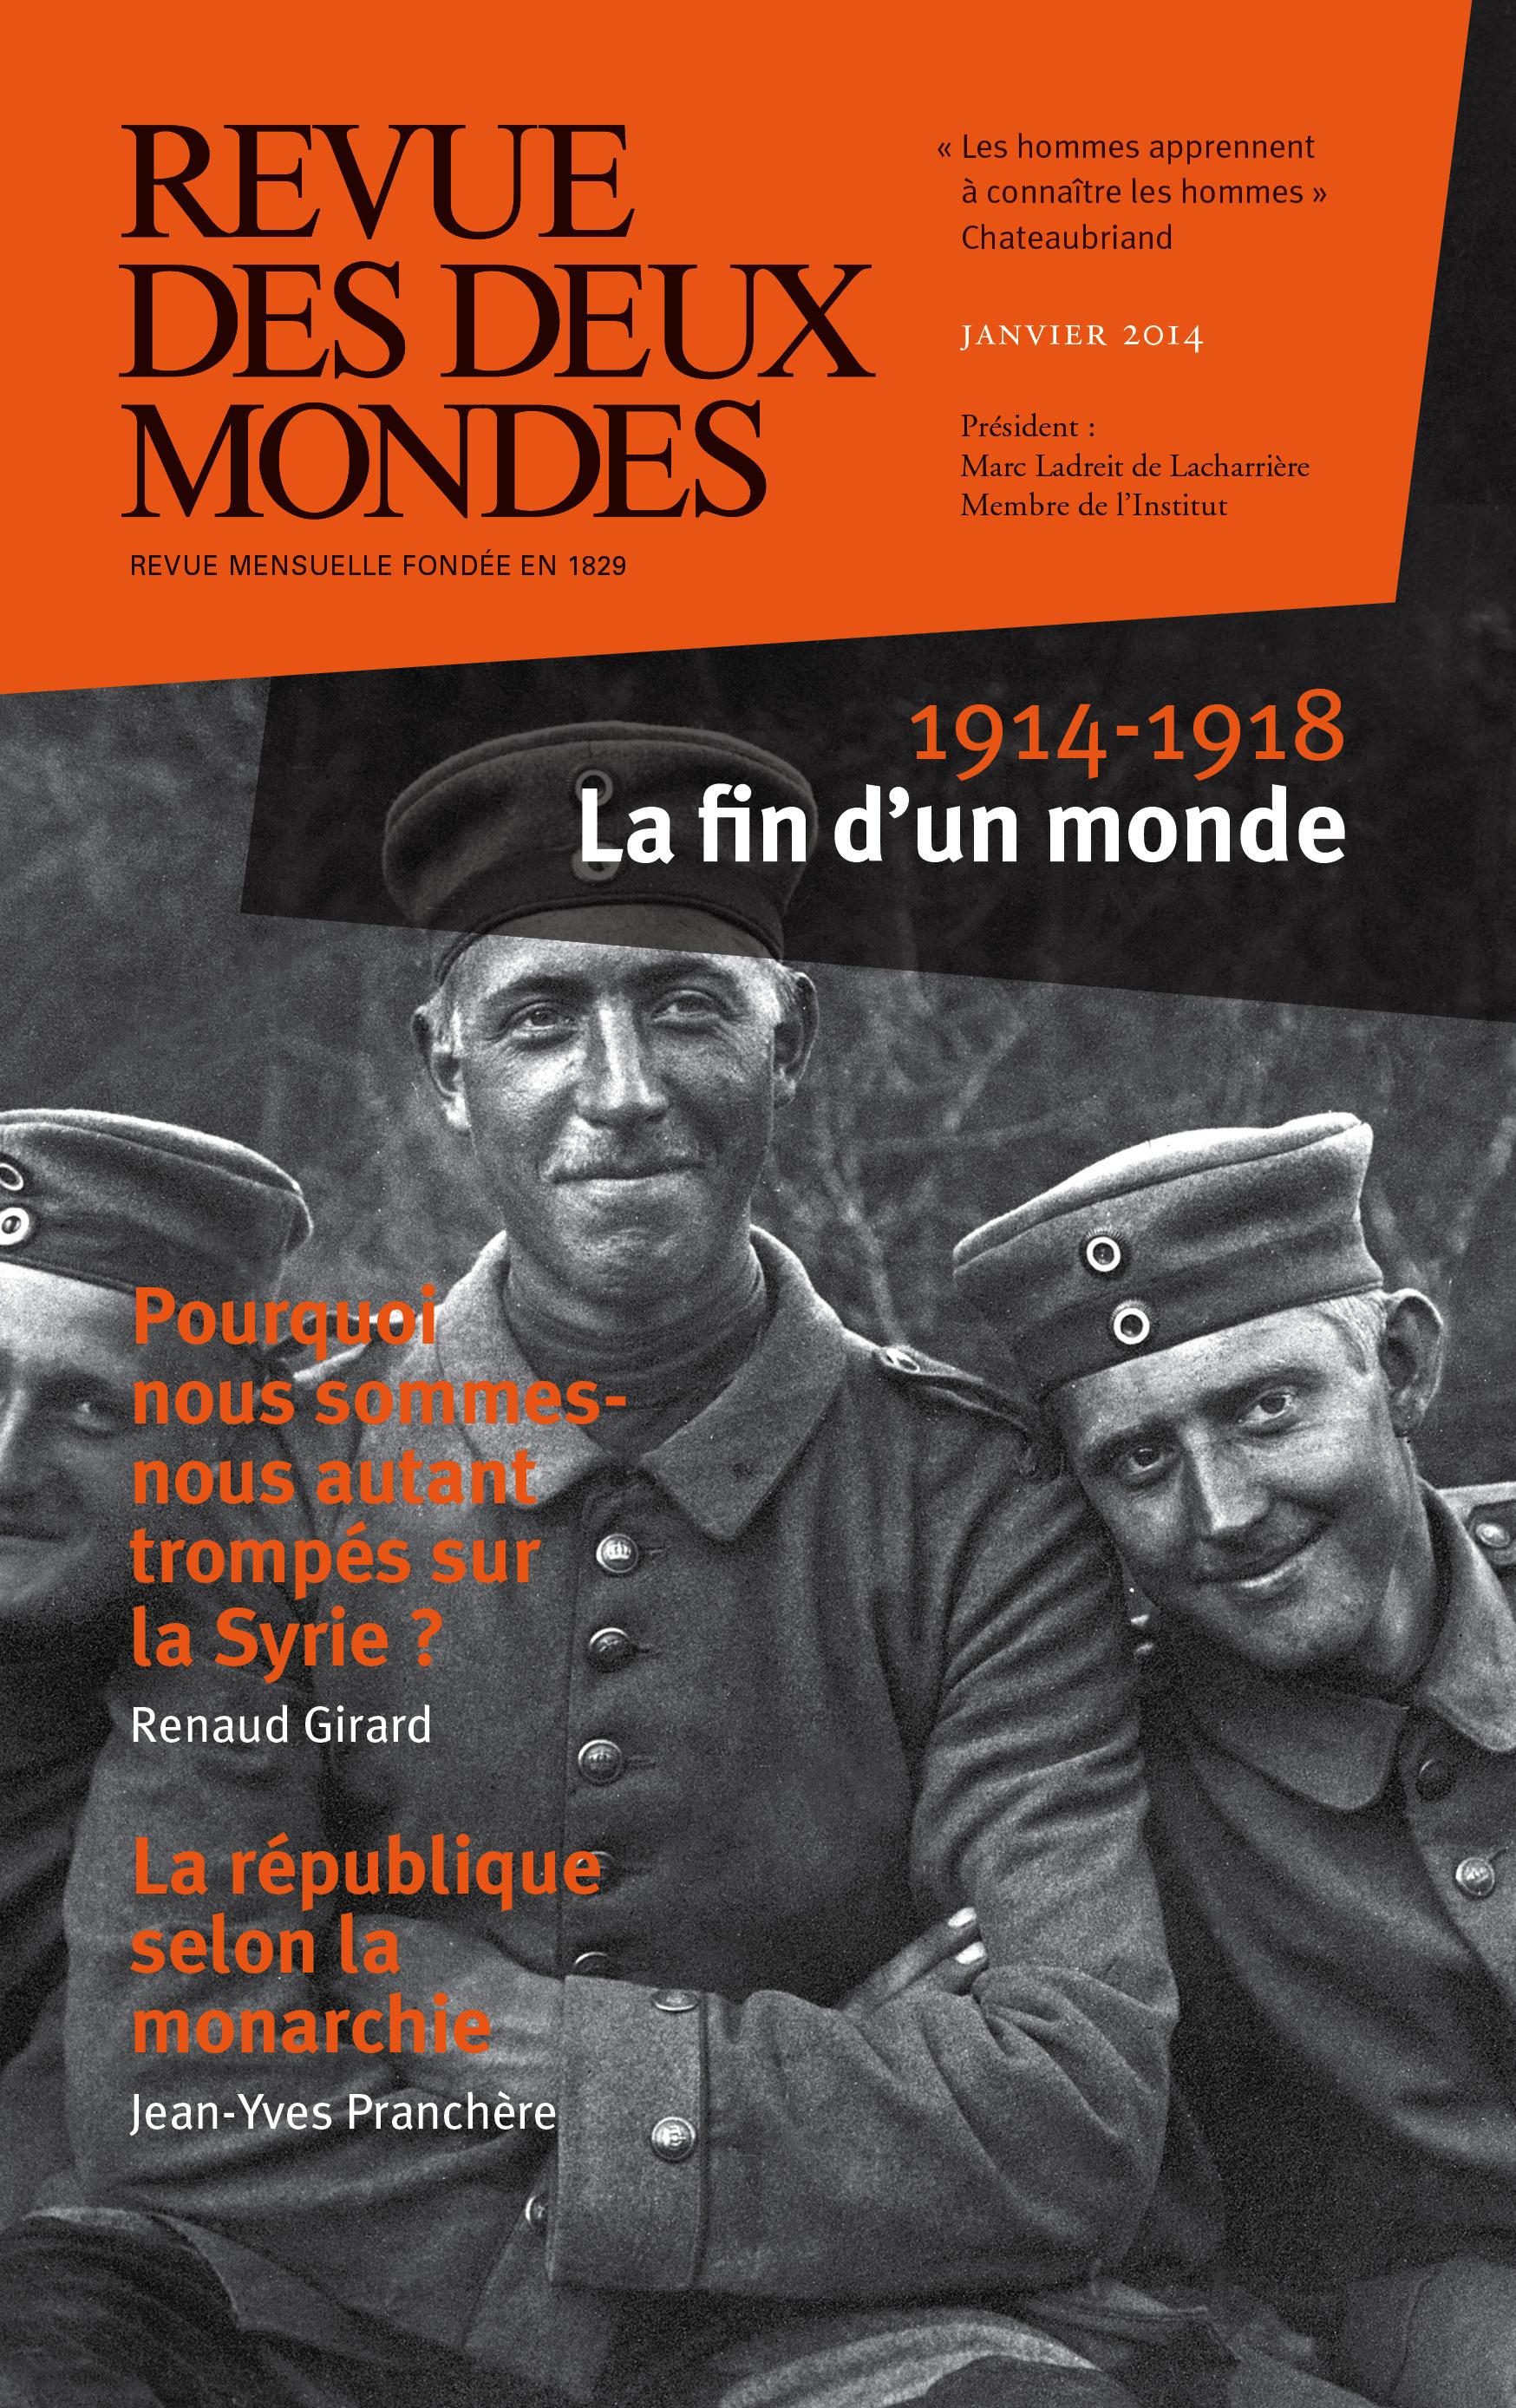 REVUE DES DEUX MONDES ; 1914 et peguy